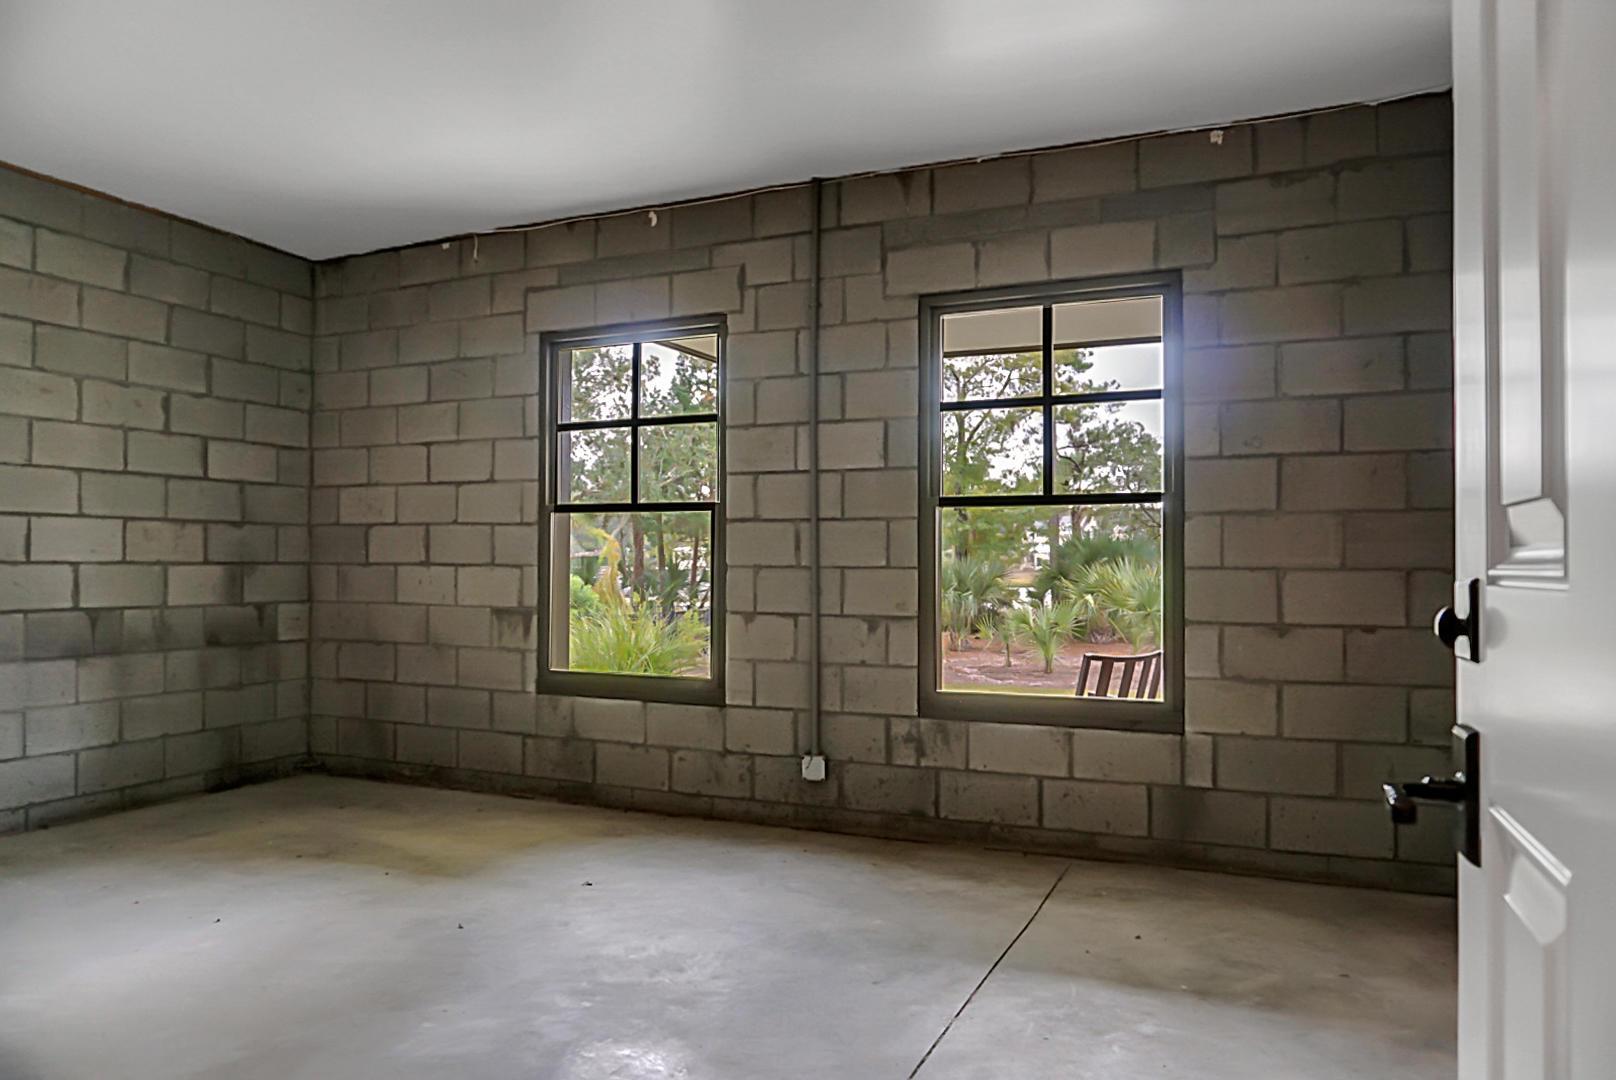 Dunes West Homes For Sale - 2978 River Vista, Mount Pleasant, SC - 55